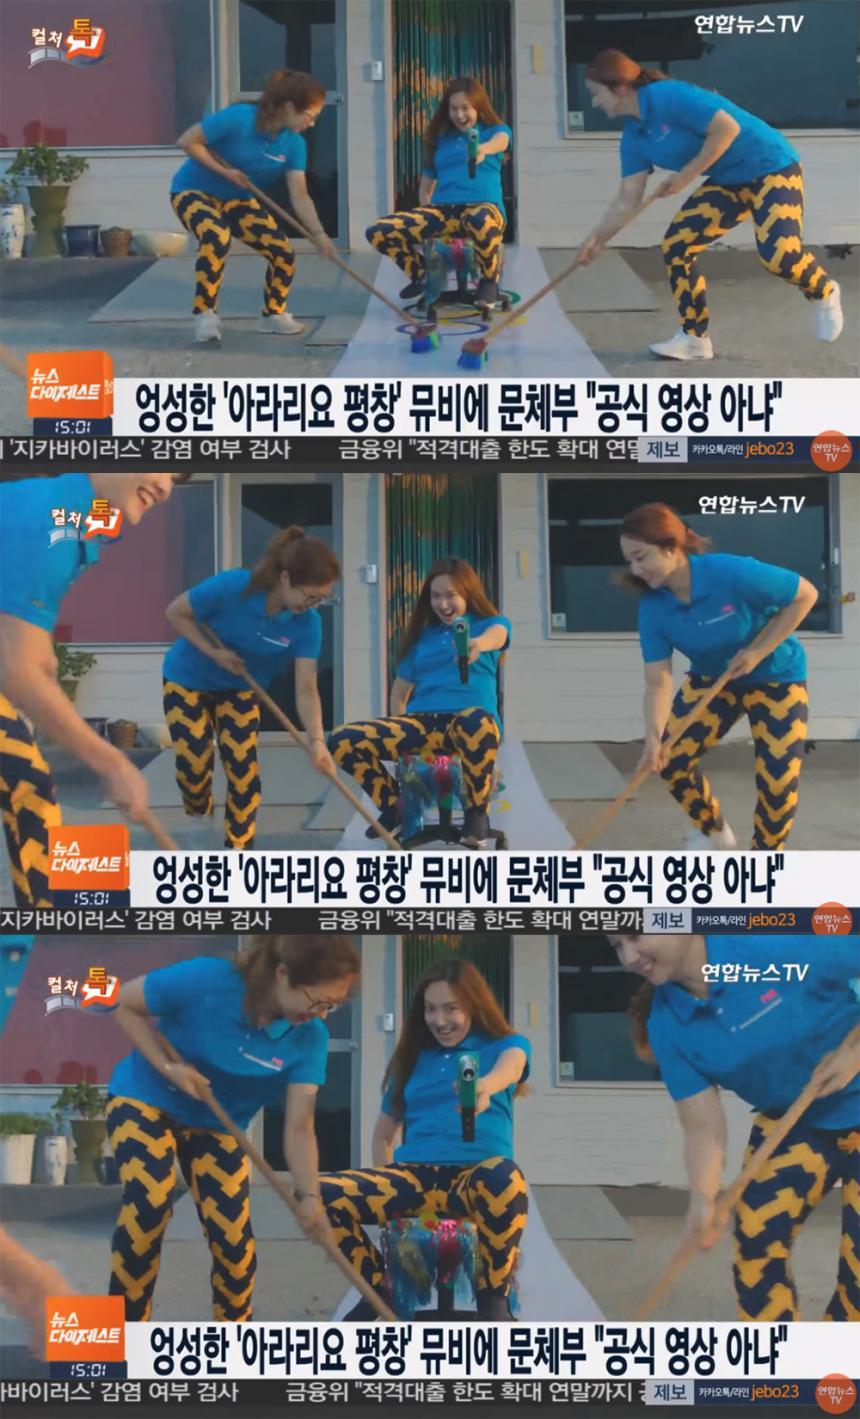 연합뉴스tv 방송 캡처